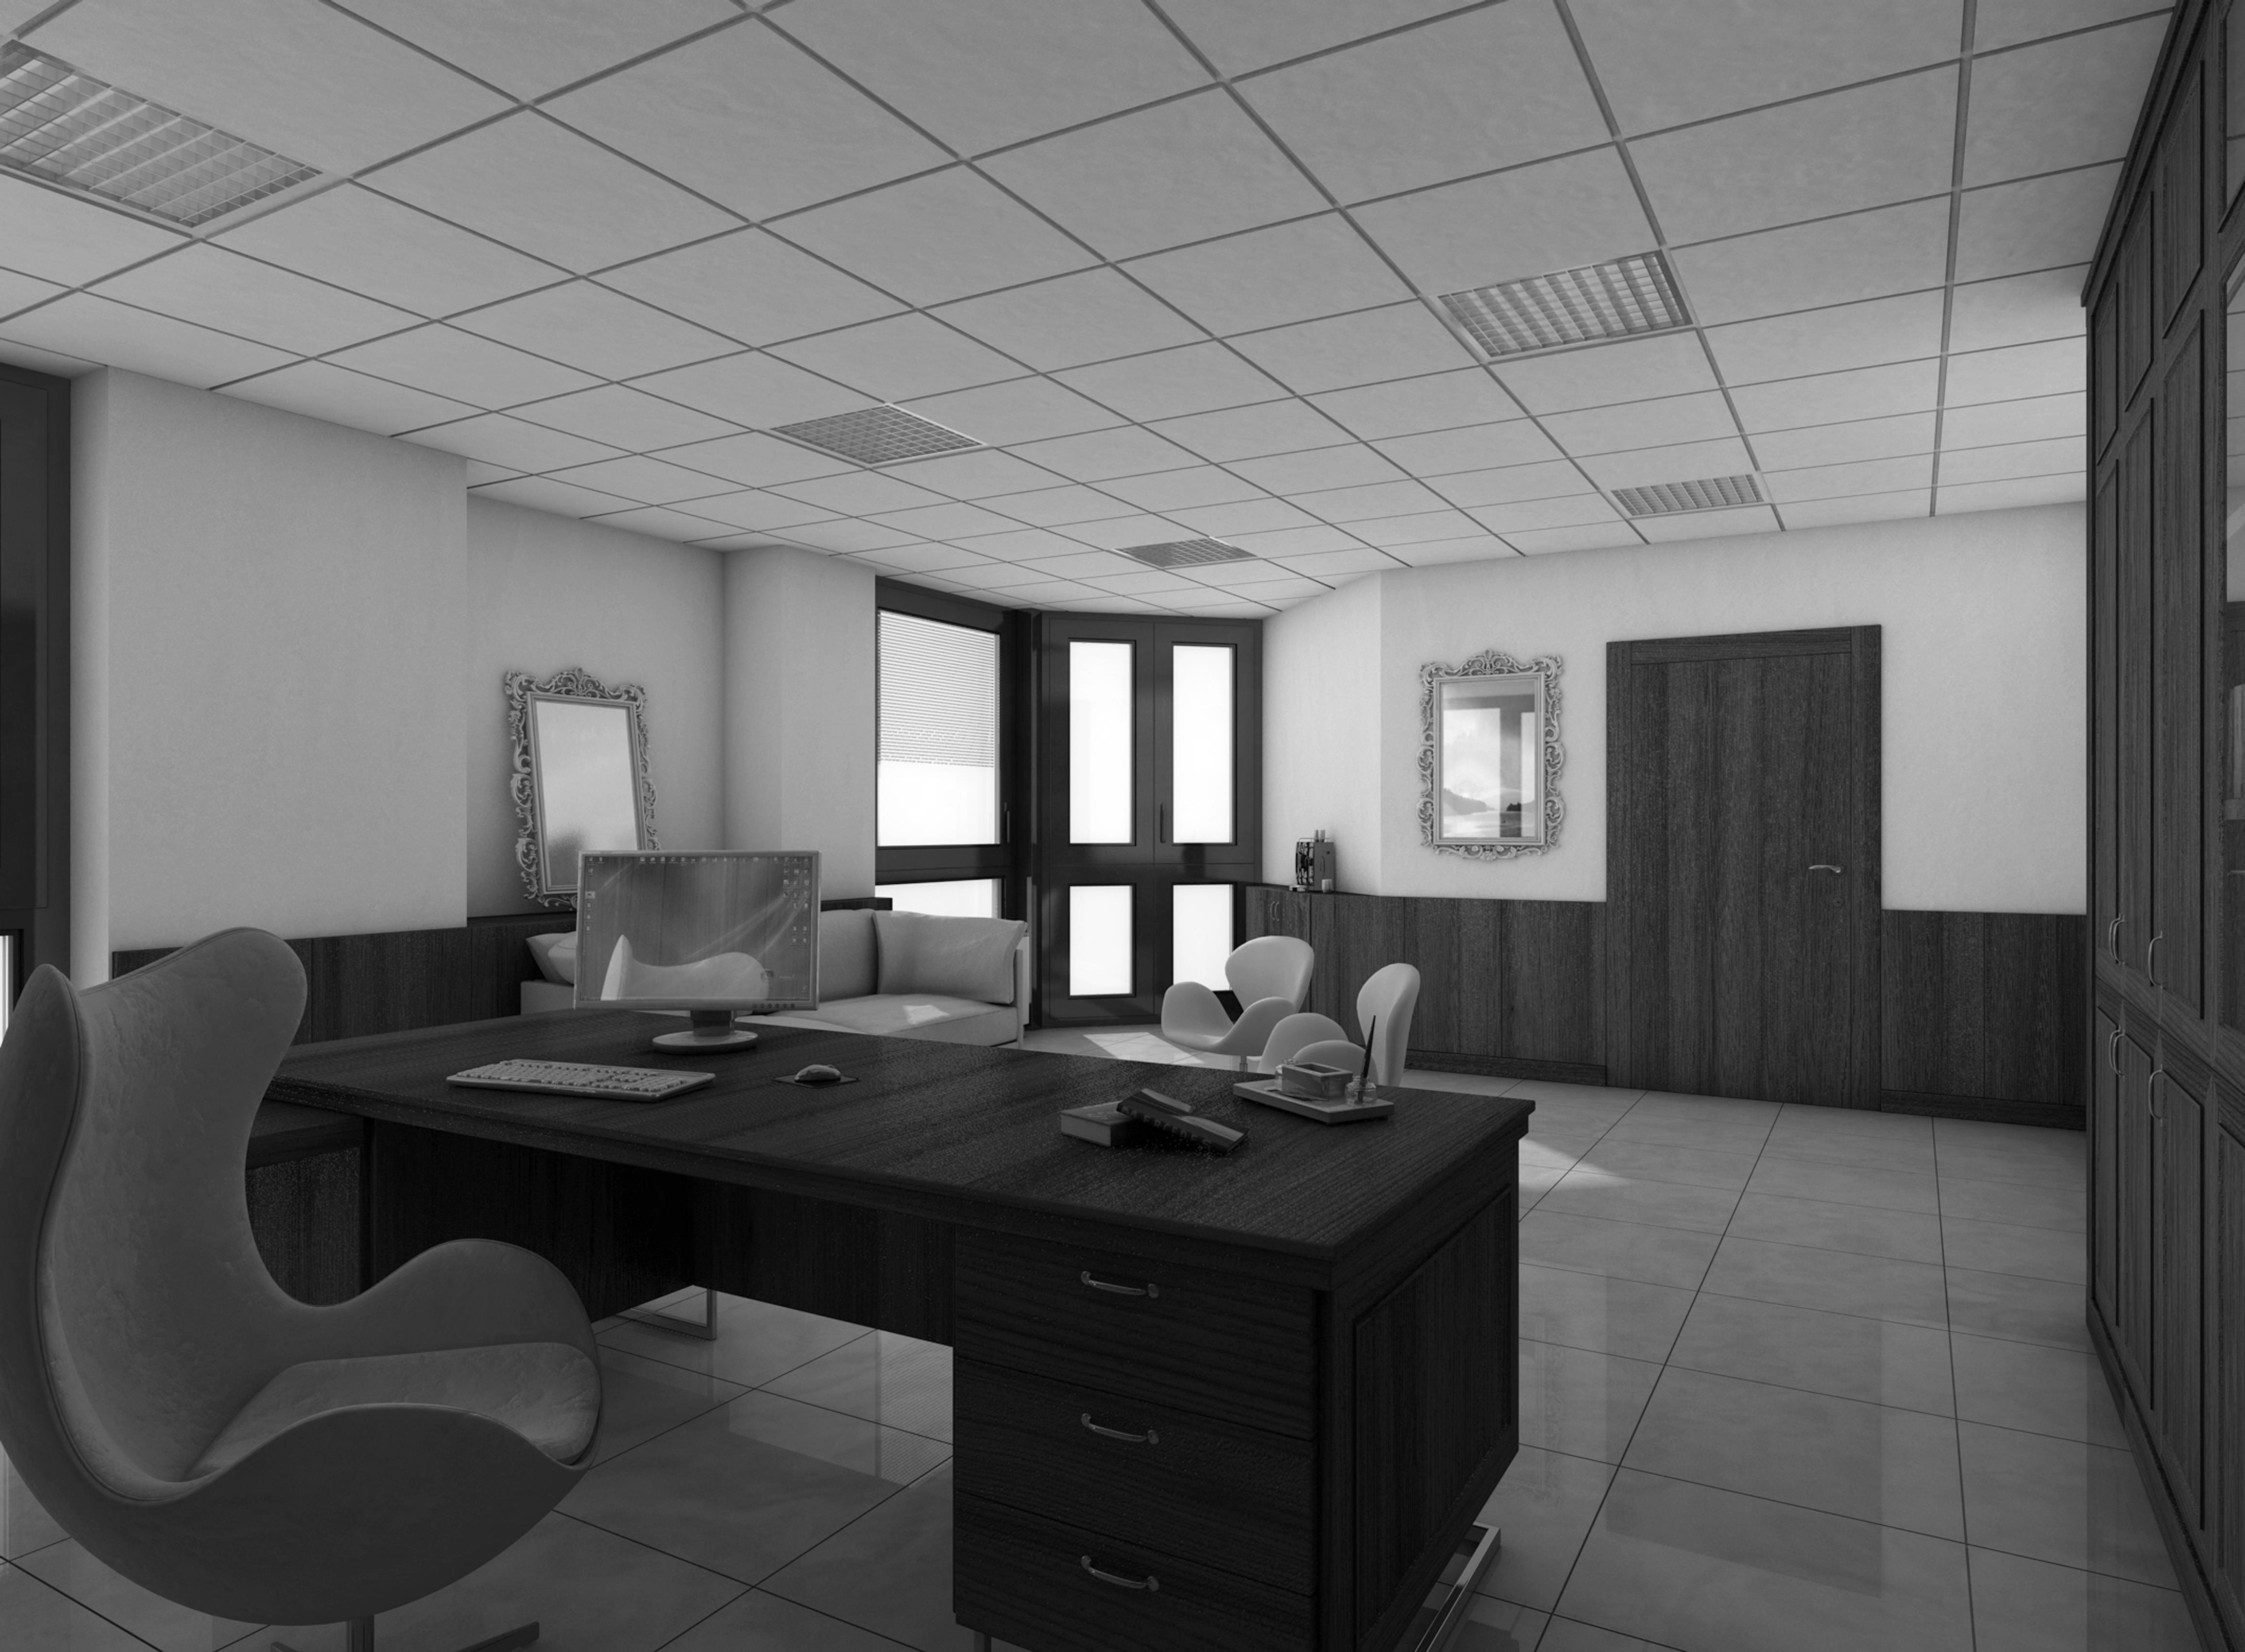 Ufficio Elegante Classico : Arredamento ufficio classico. awesome arredamento per ufficio design